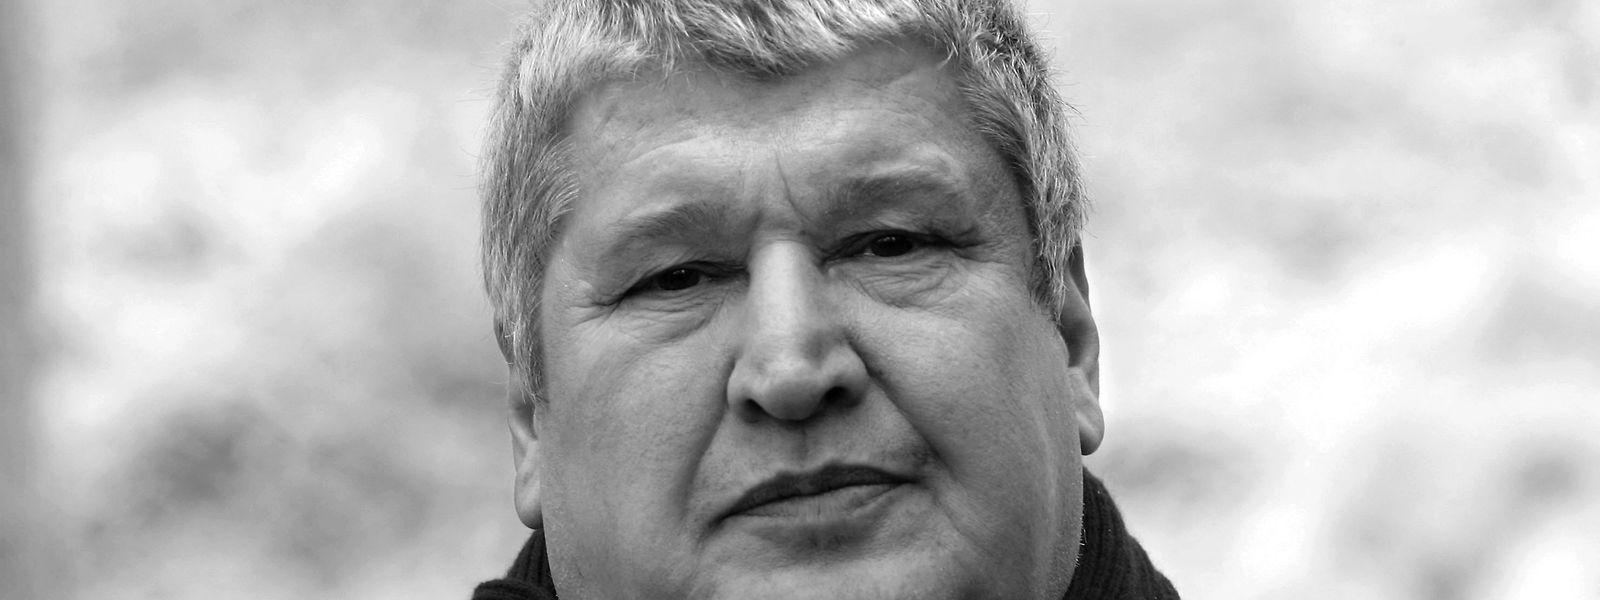 Helmut Krauss ist im Alter von 78 Jahren gestorben.